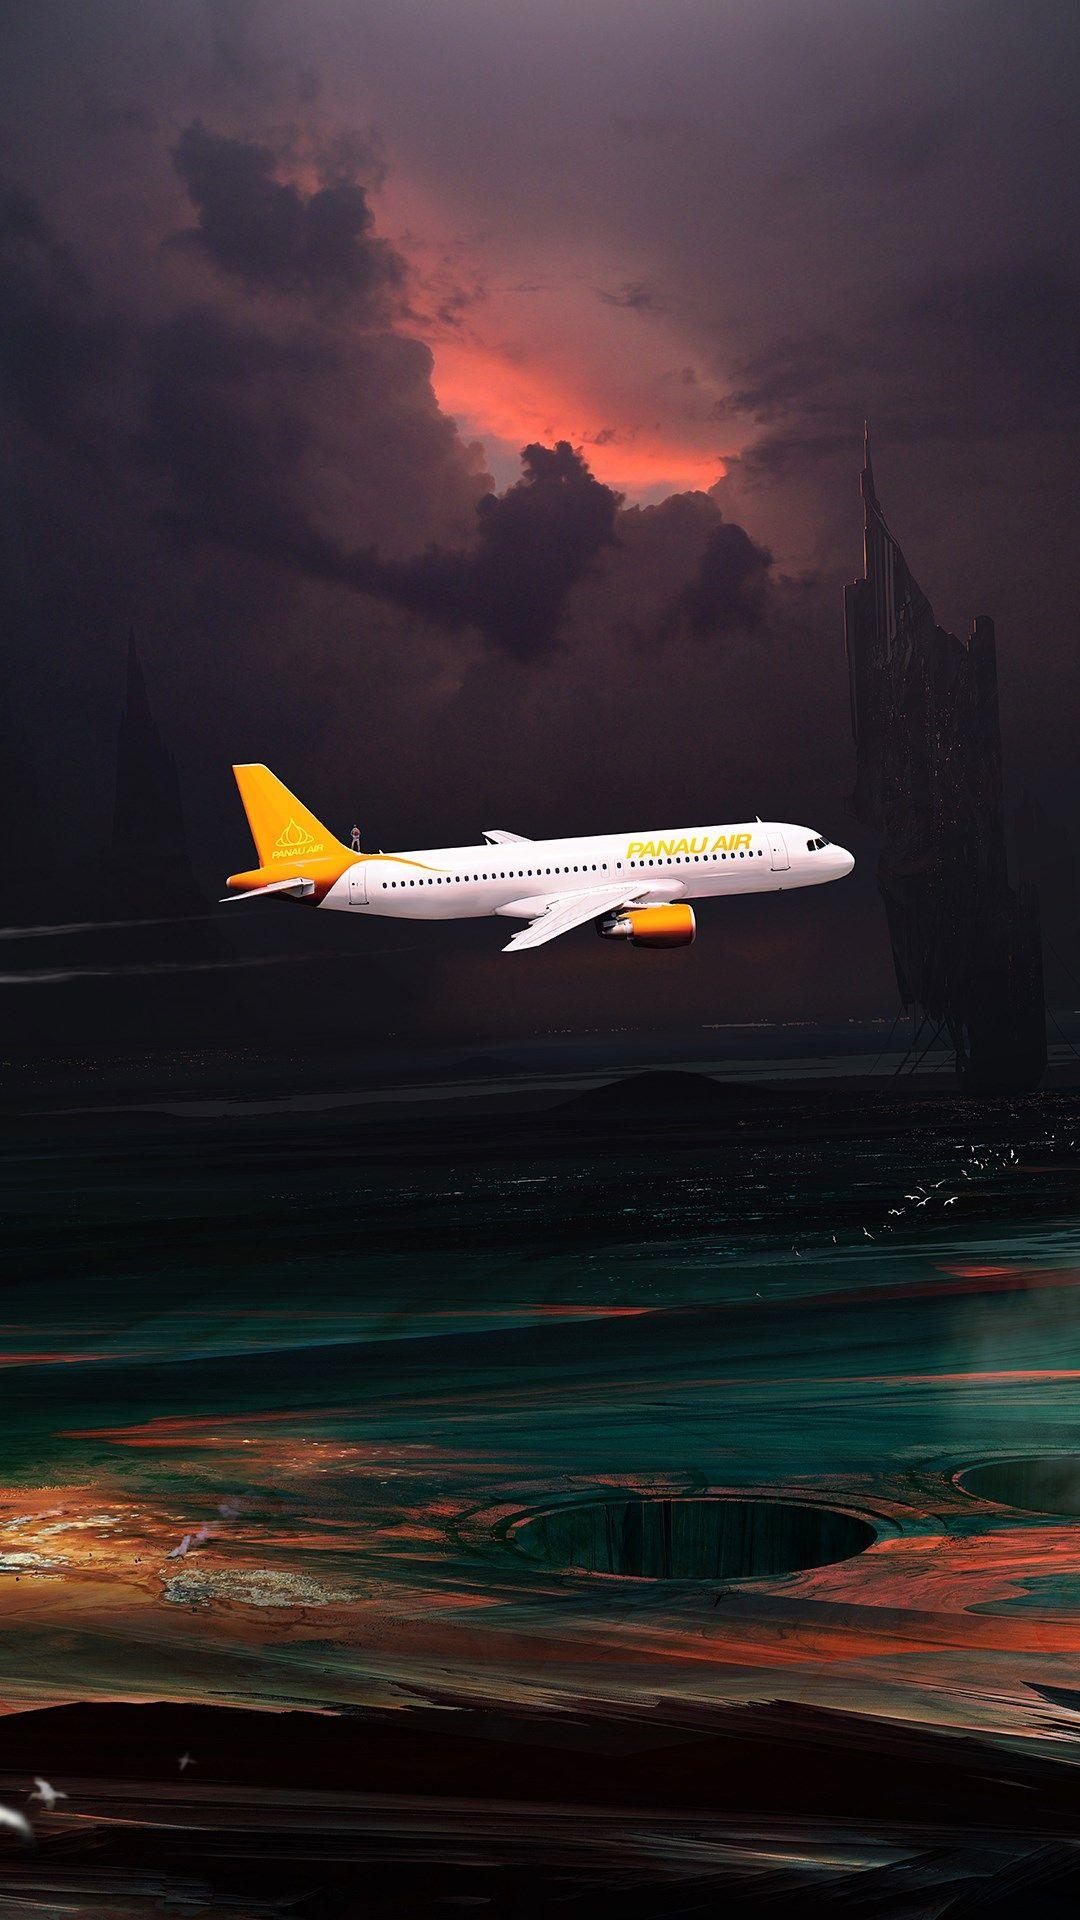 airplane iphone wallpaper free download Digital artwork